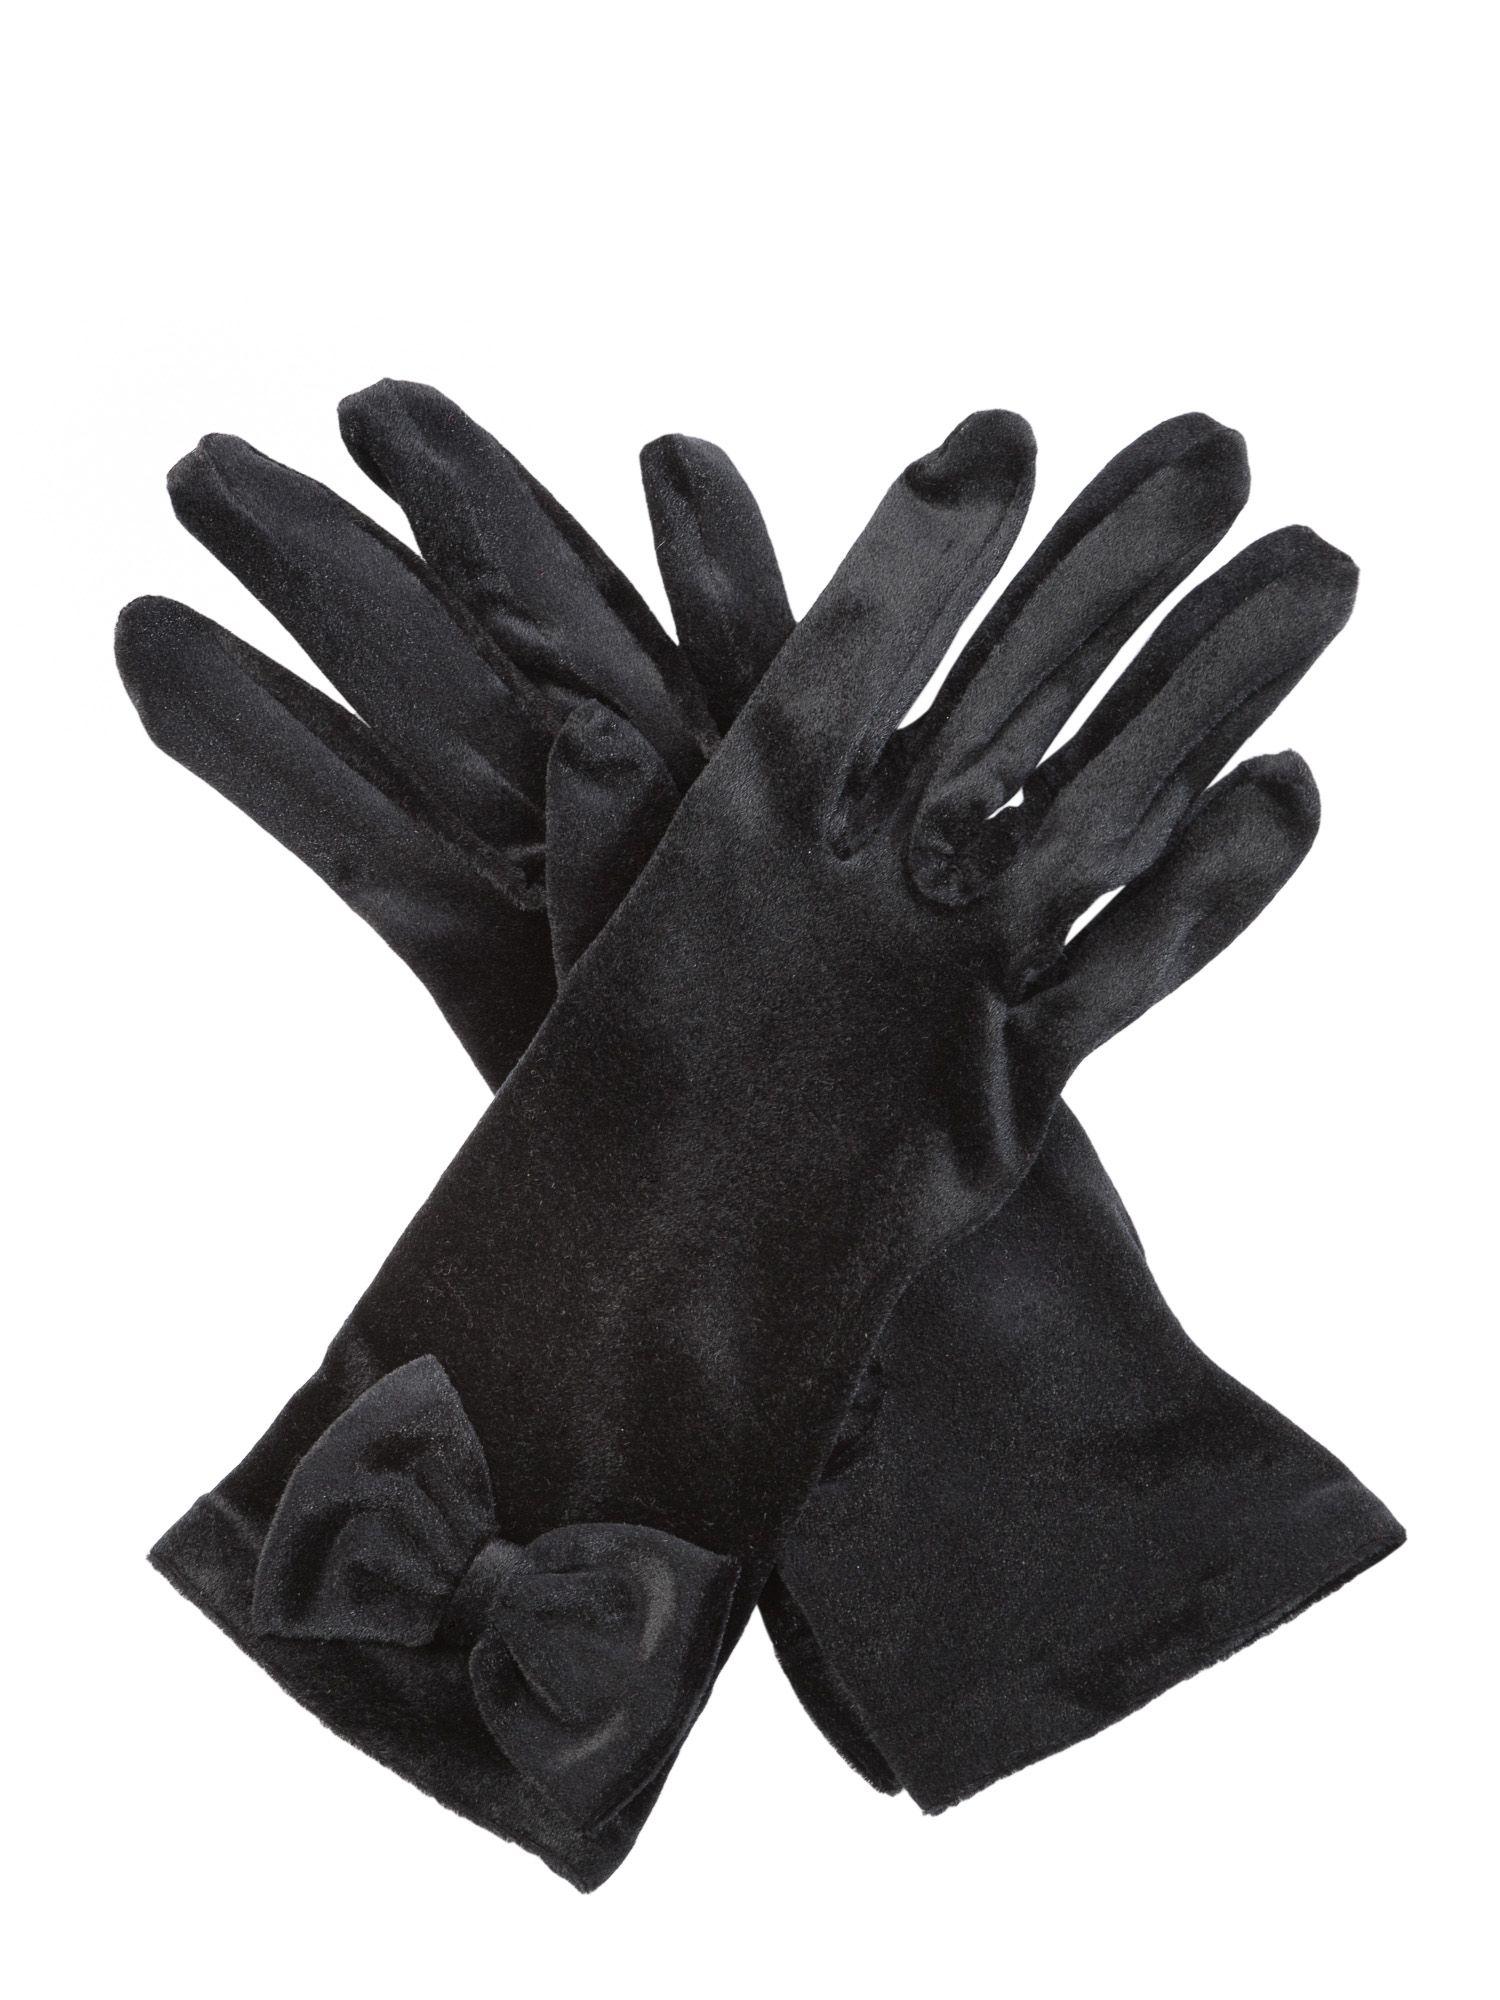 Charlie james white gloves